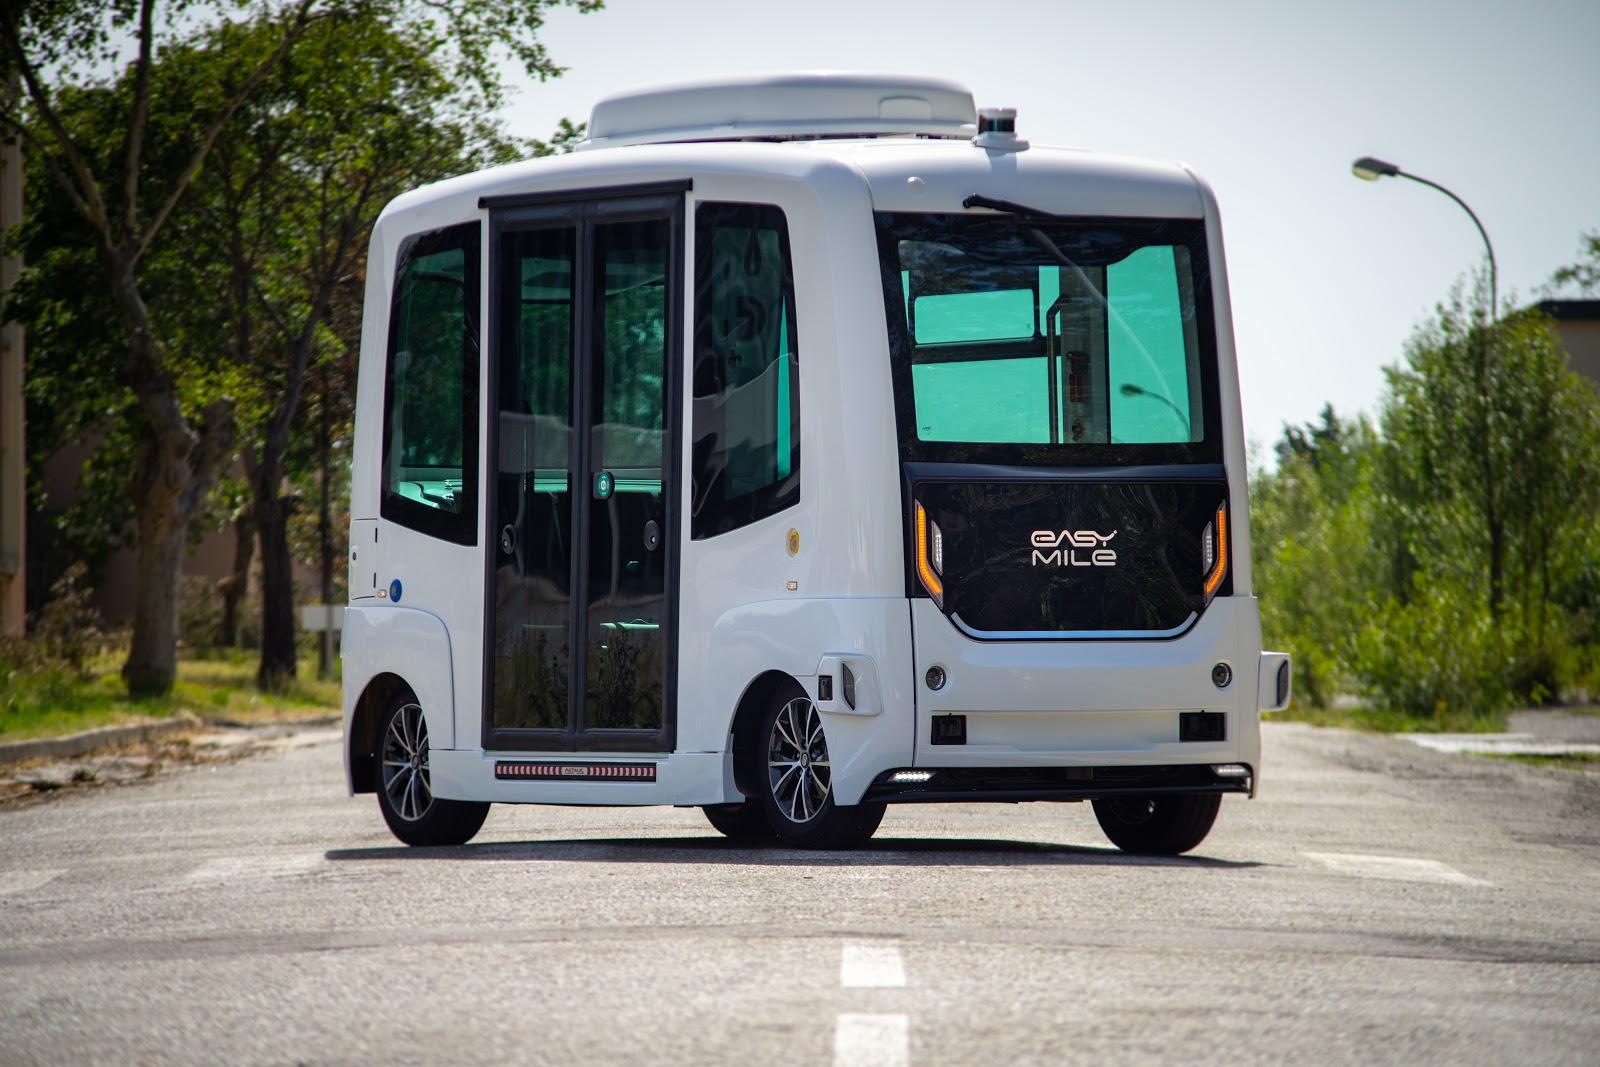 EasyMile Sono Motors autonomous shuttle solar-powered